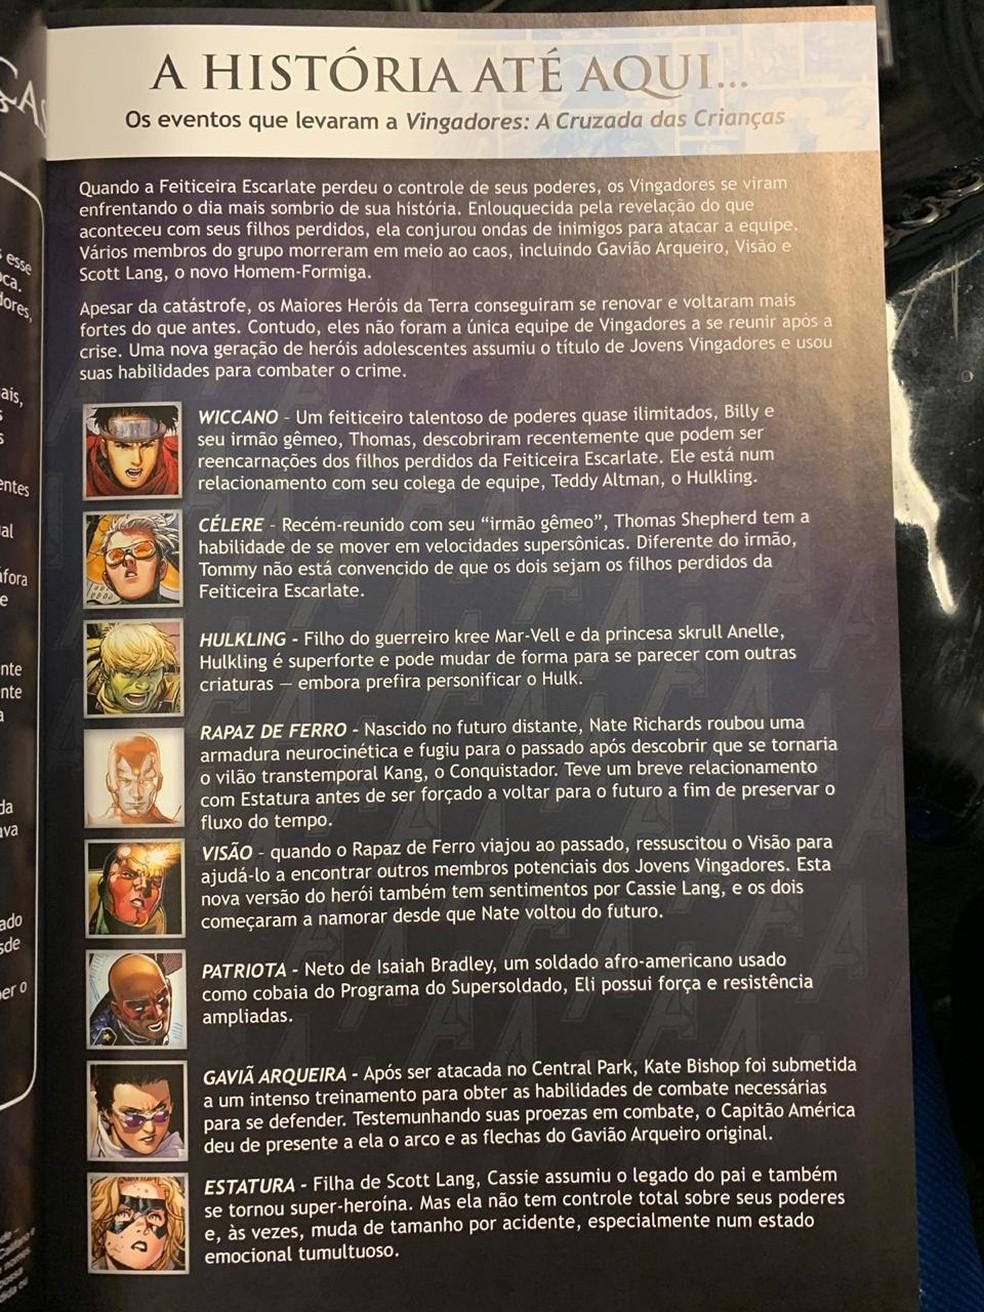 Descrição dos personagens de 'Vingadores, a cruzada das crianças', publicação no centro de polêmica na Bienal do Livro no Rio — Foto: Fernanda Rouvenat/ G1